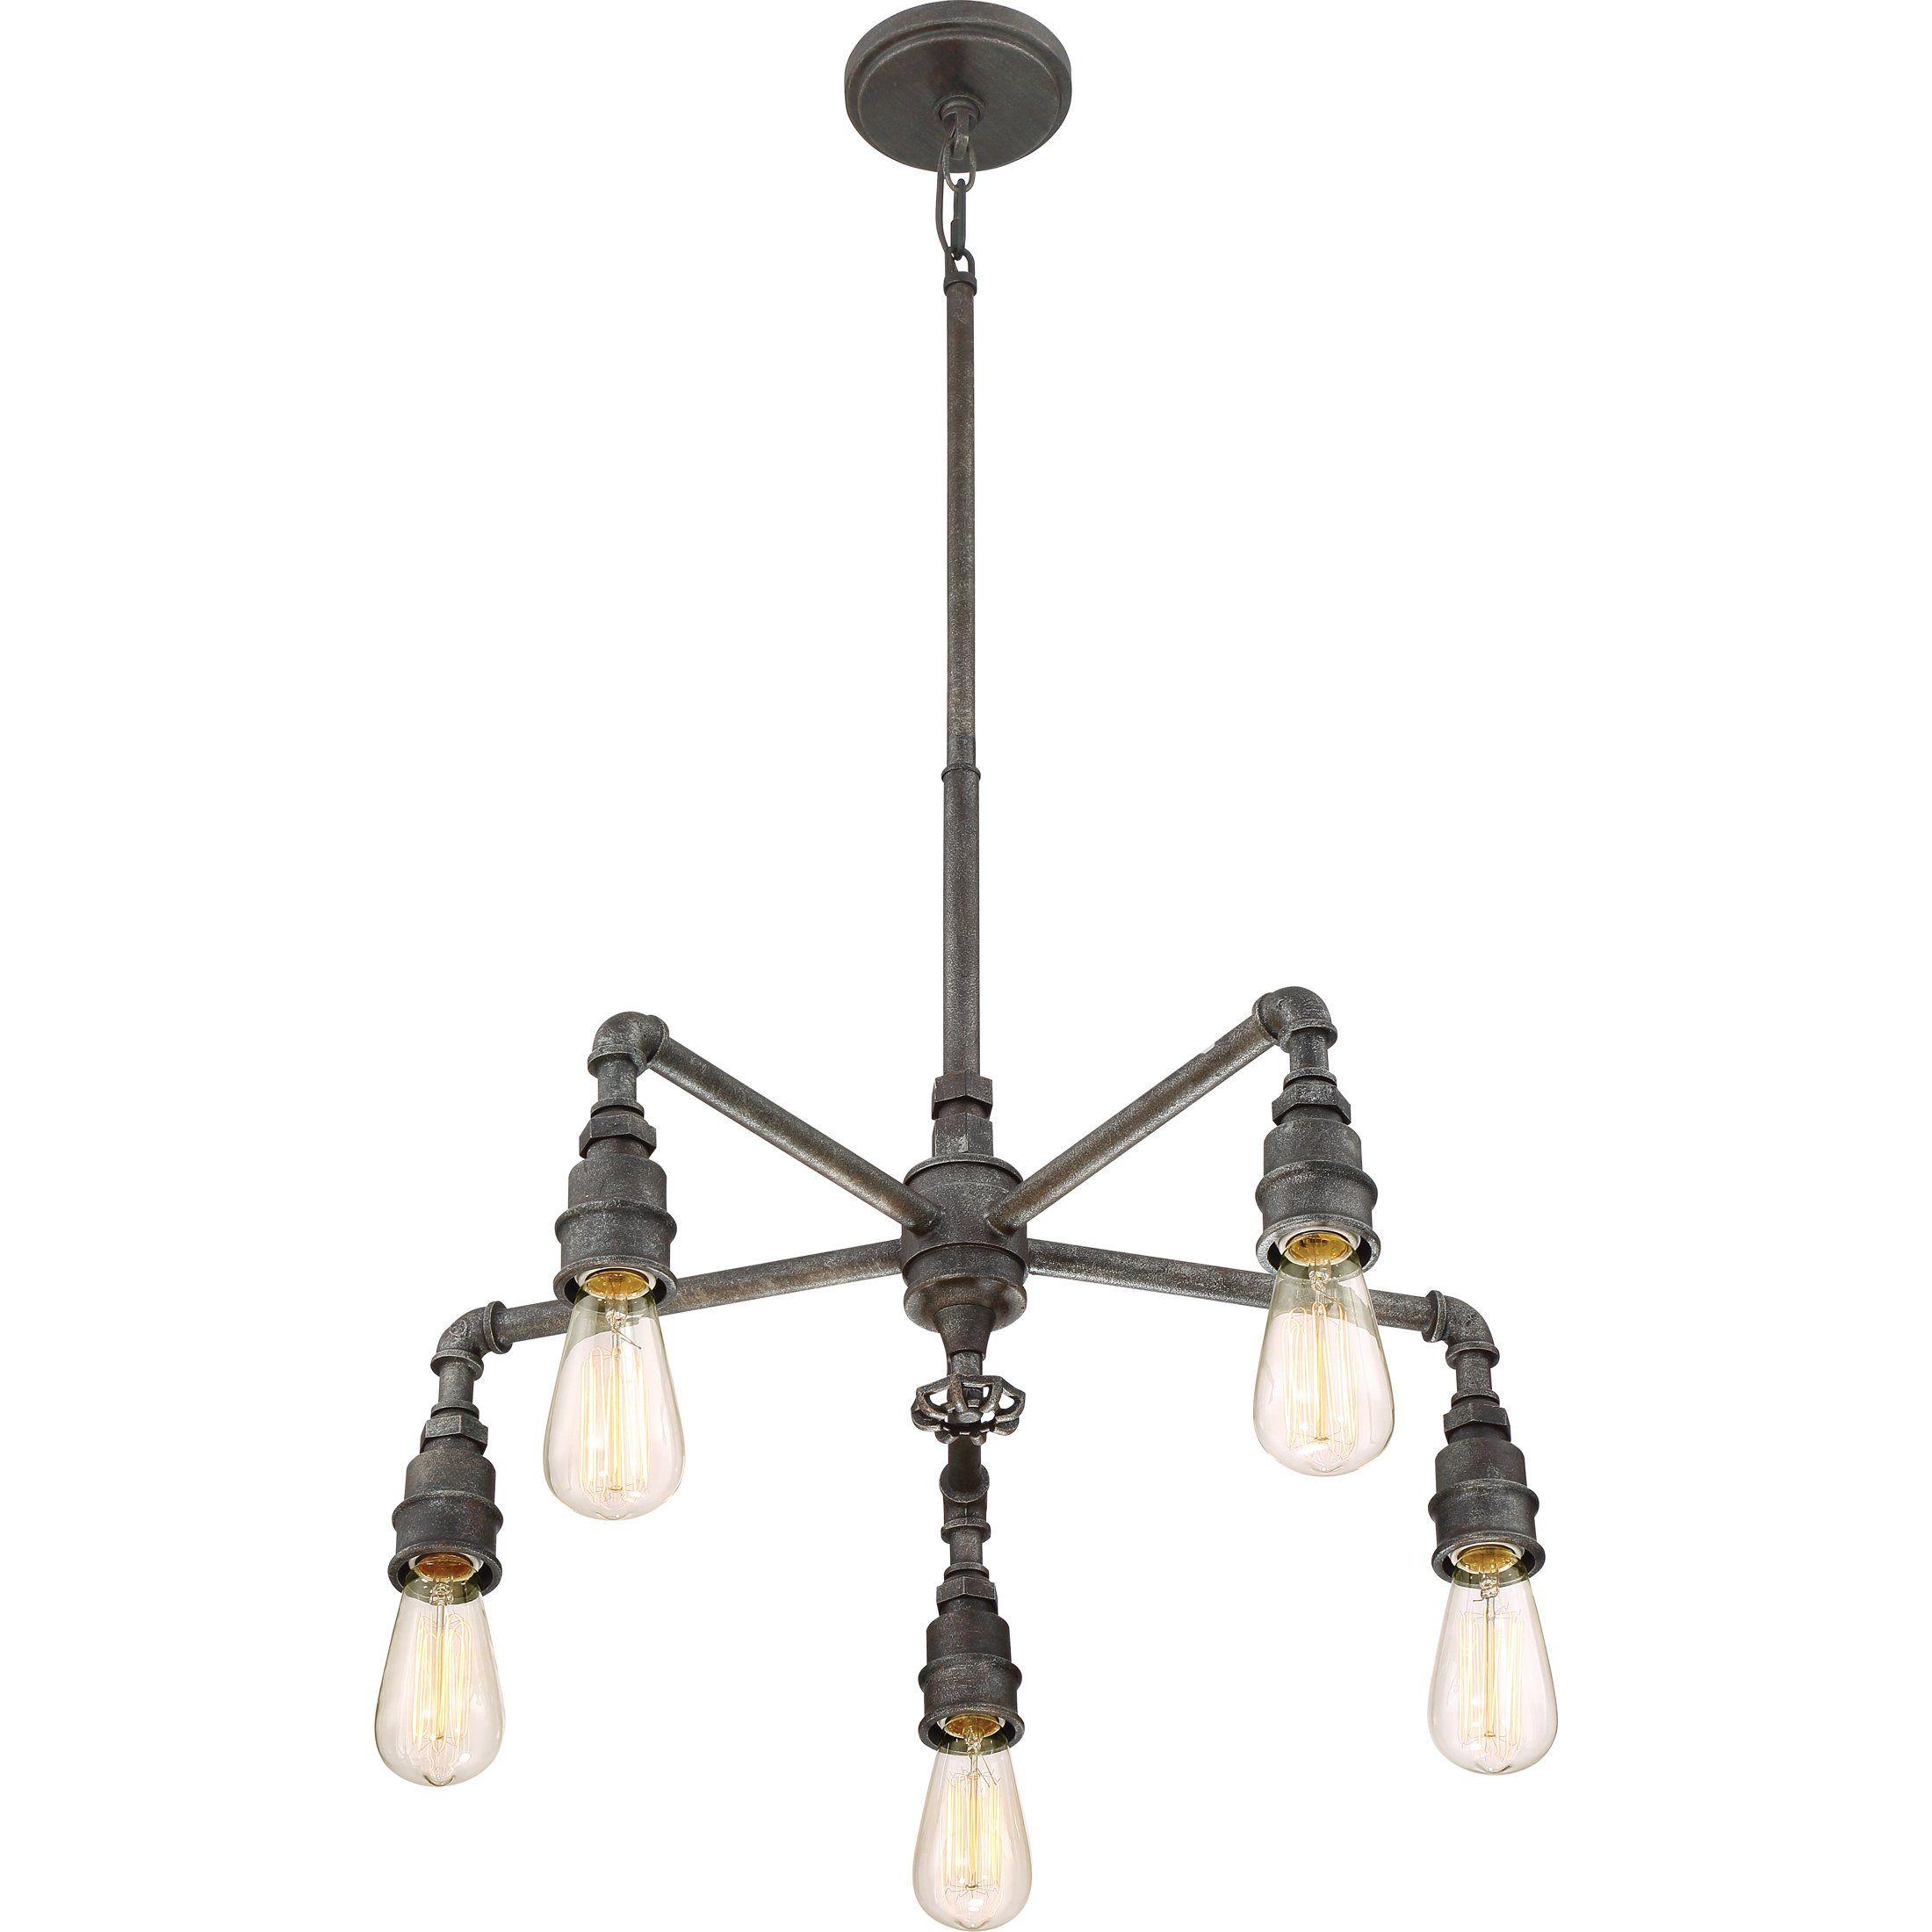 Quoizel Sqr5005Rk Five Light Chandelier Large Rustic Black ** Want